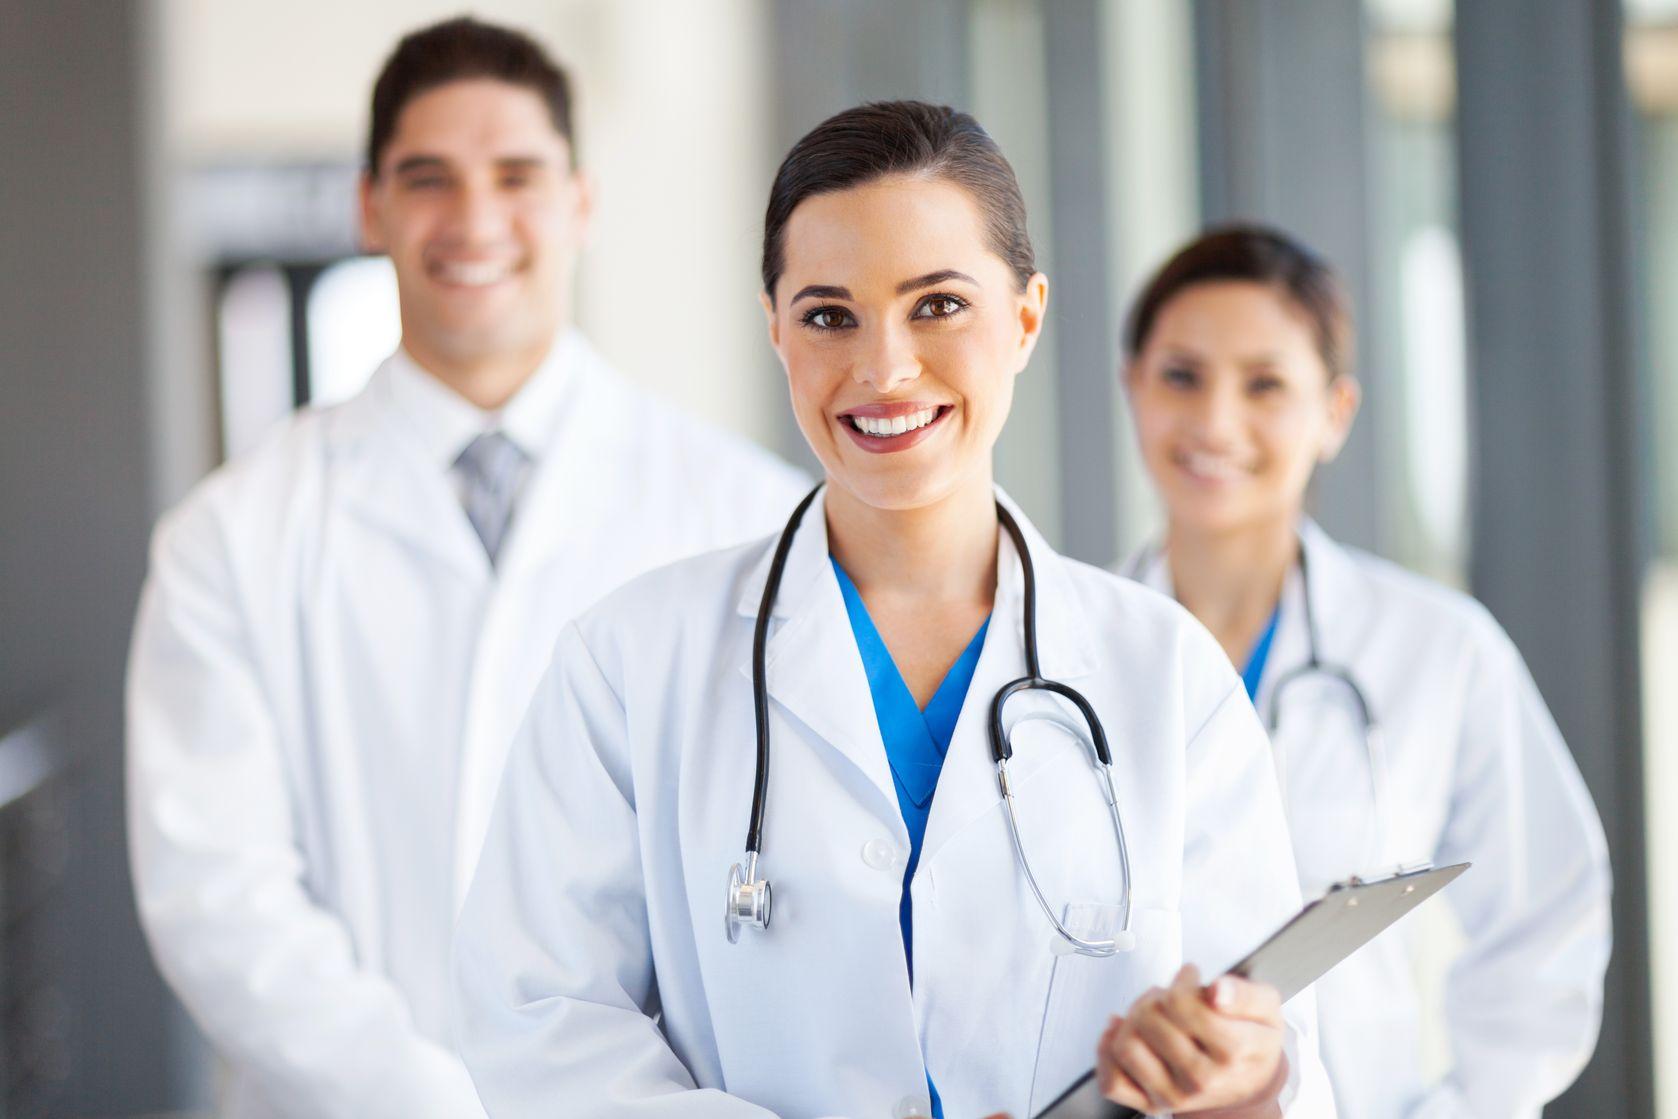 медсестра для постановки капельницы